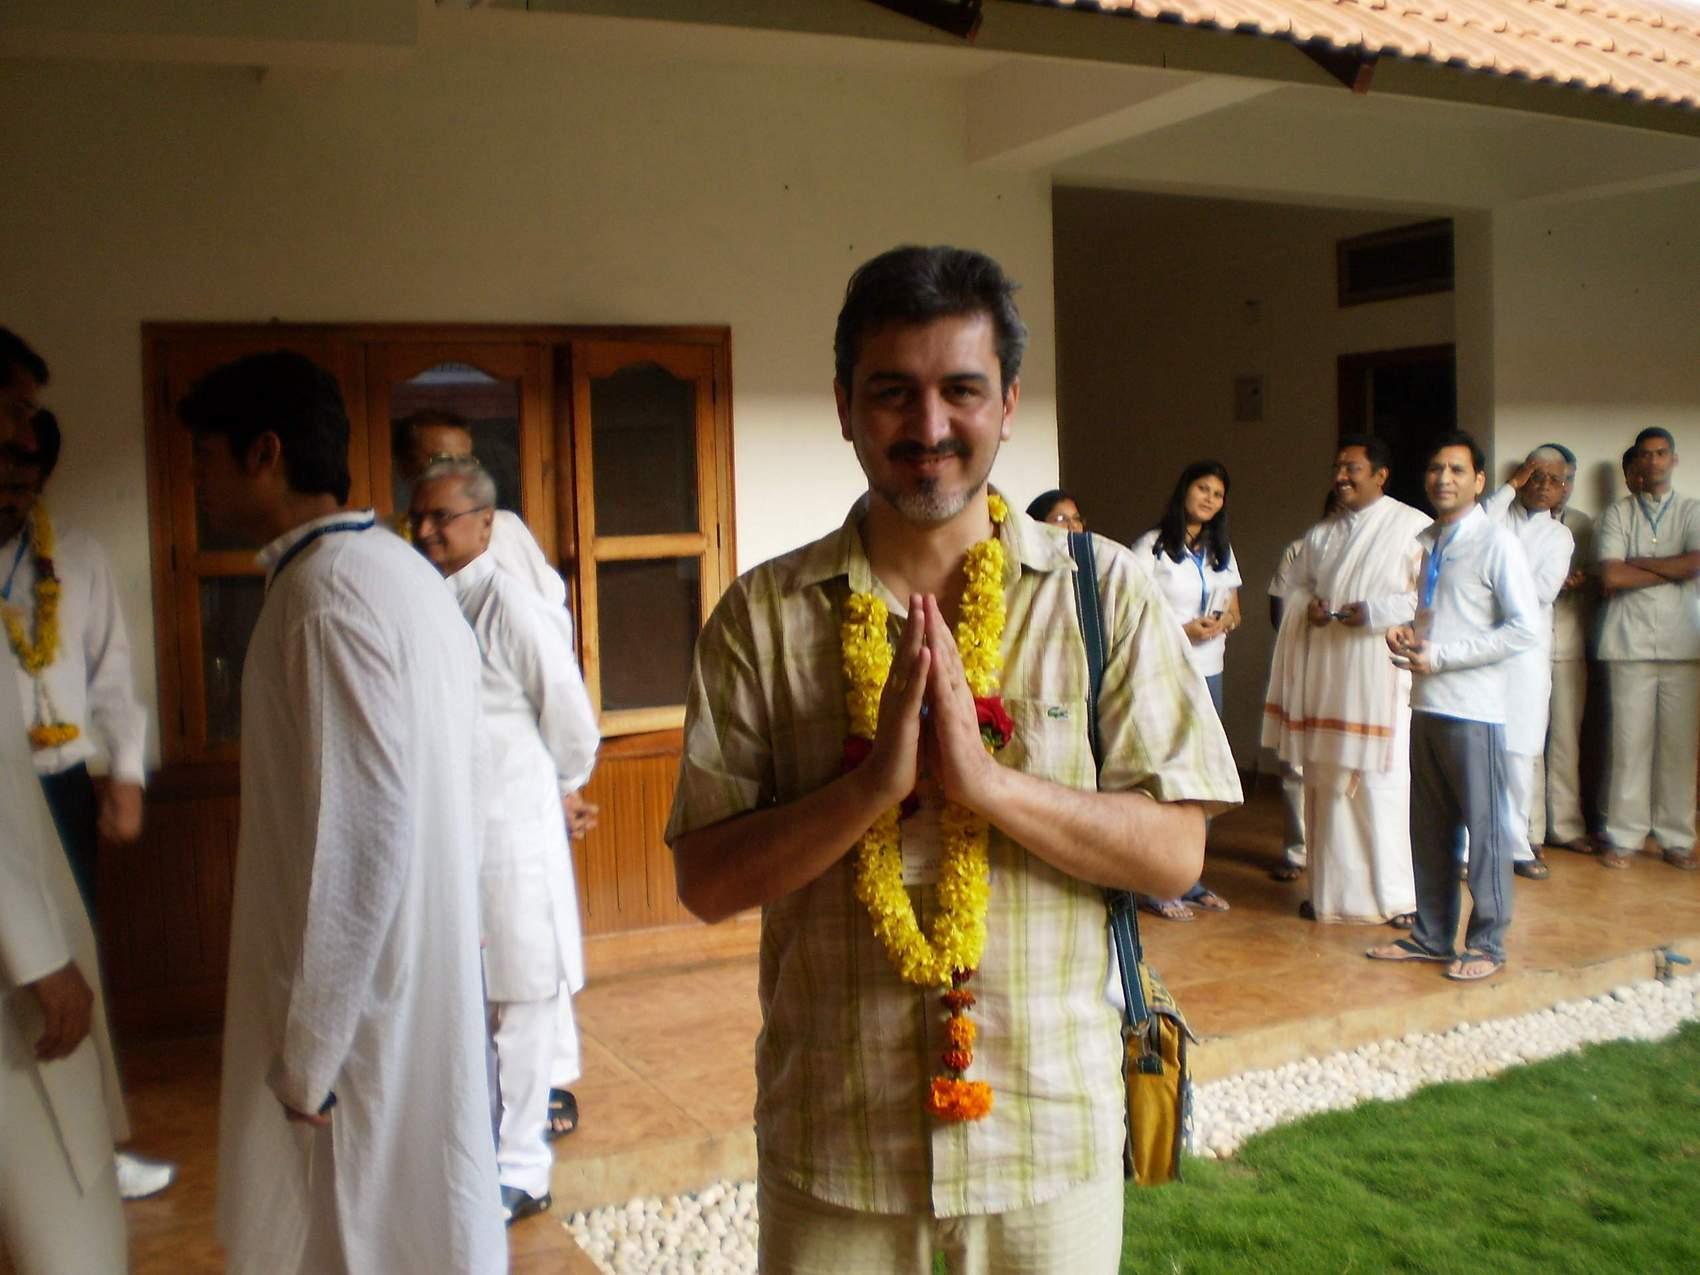 След лекция - д-р Димитров е посрещнат с венец от колегите си психиатри в Бангалор.